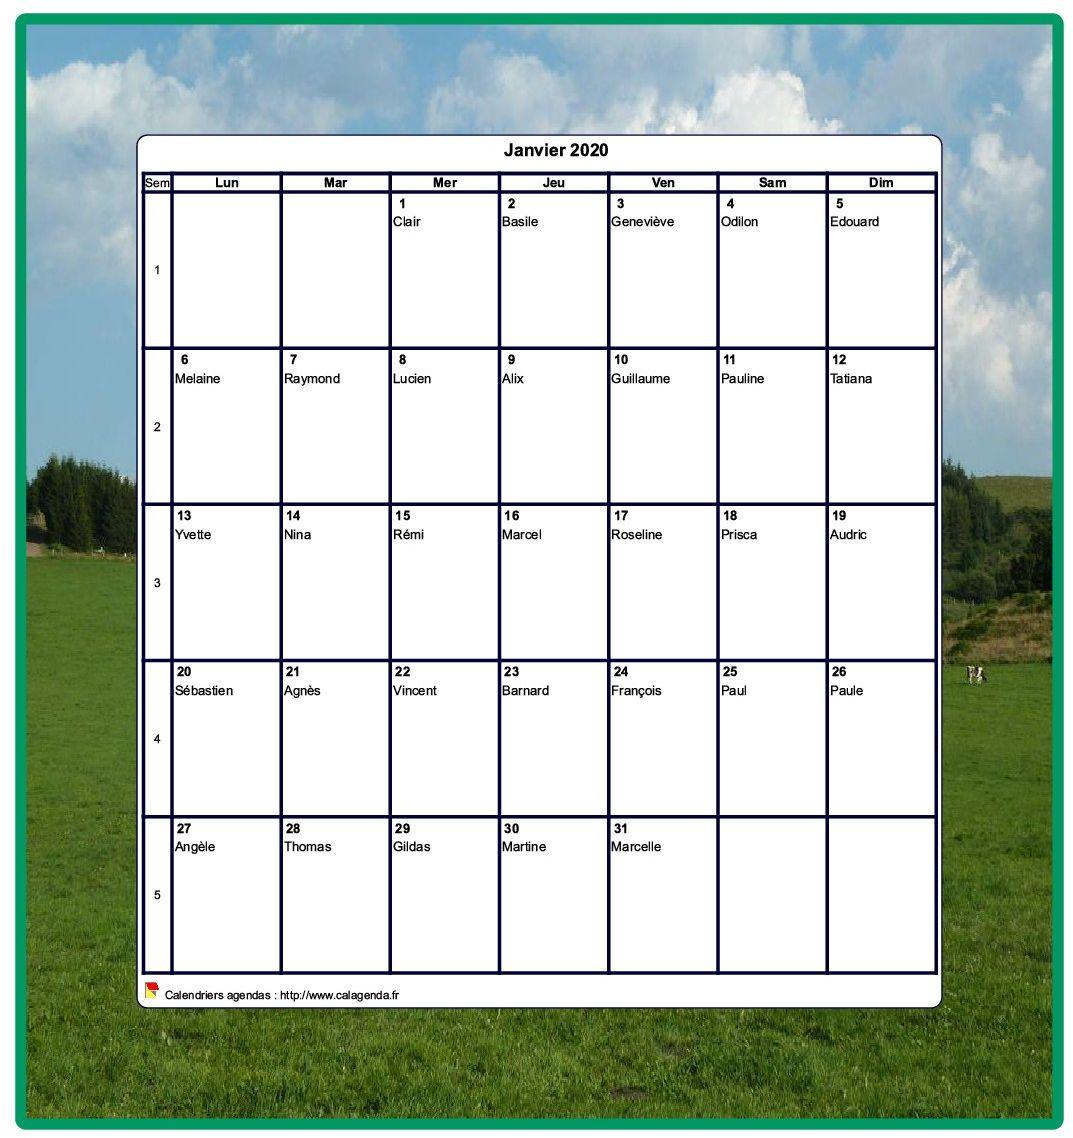 Calendrier 2020 décoratif à imprimer, mensuel , format portrait, avec une photo